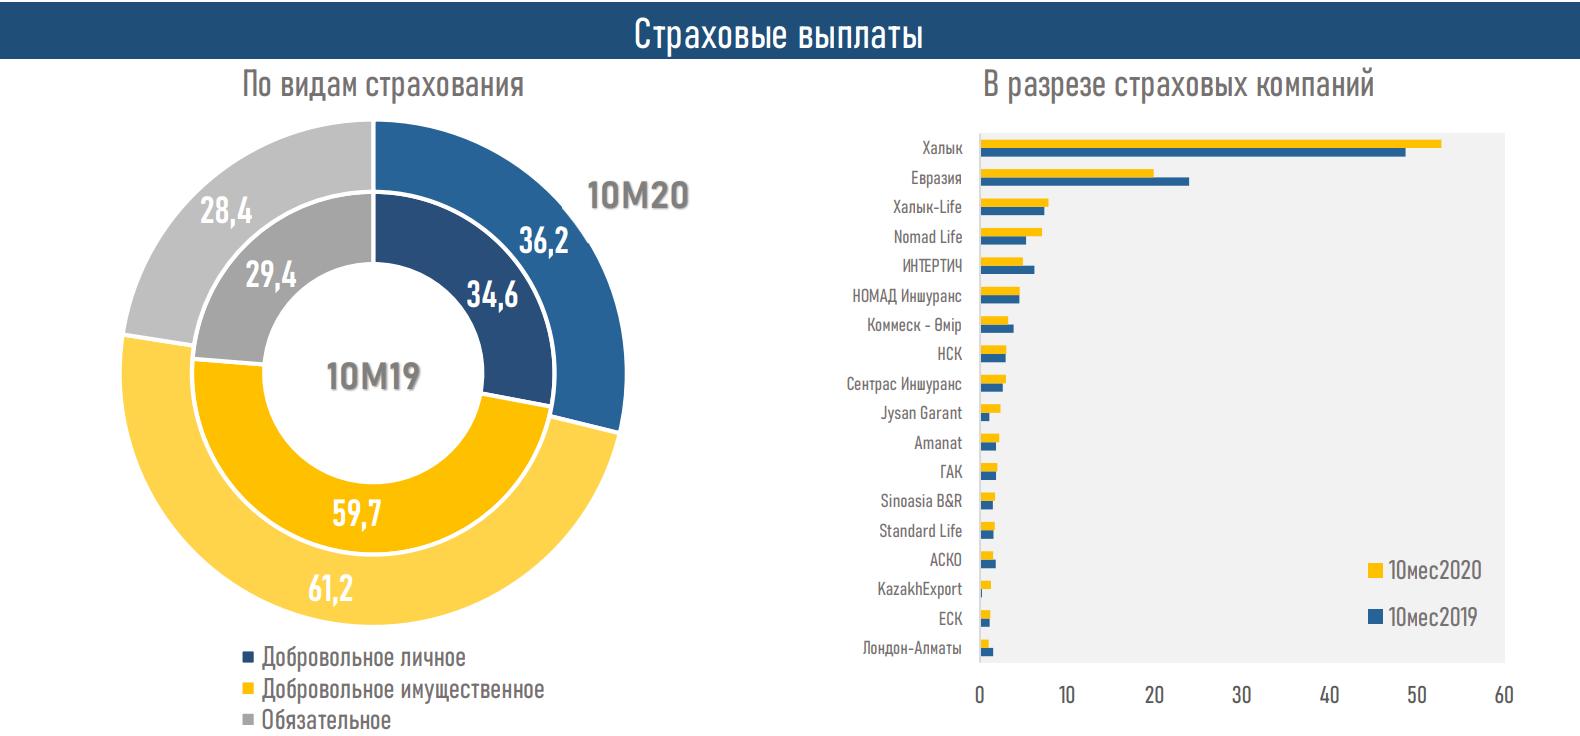 Активы страховых компаний выросли до 1 459,8 млрд тенге 532164 - Kapital.kz